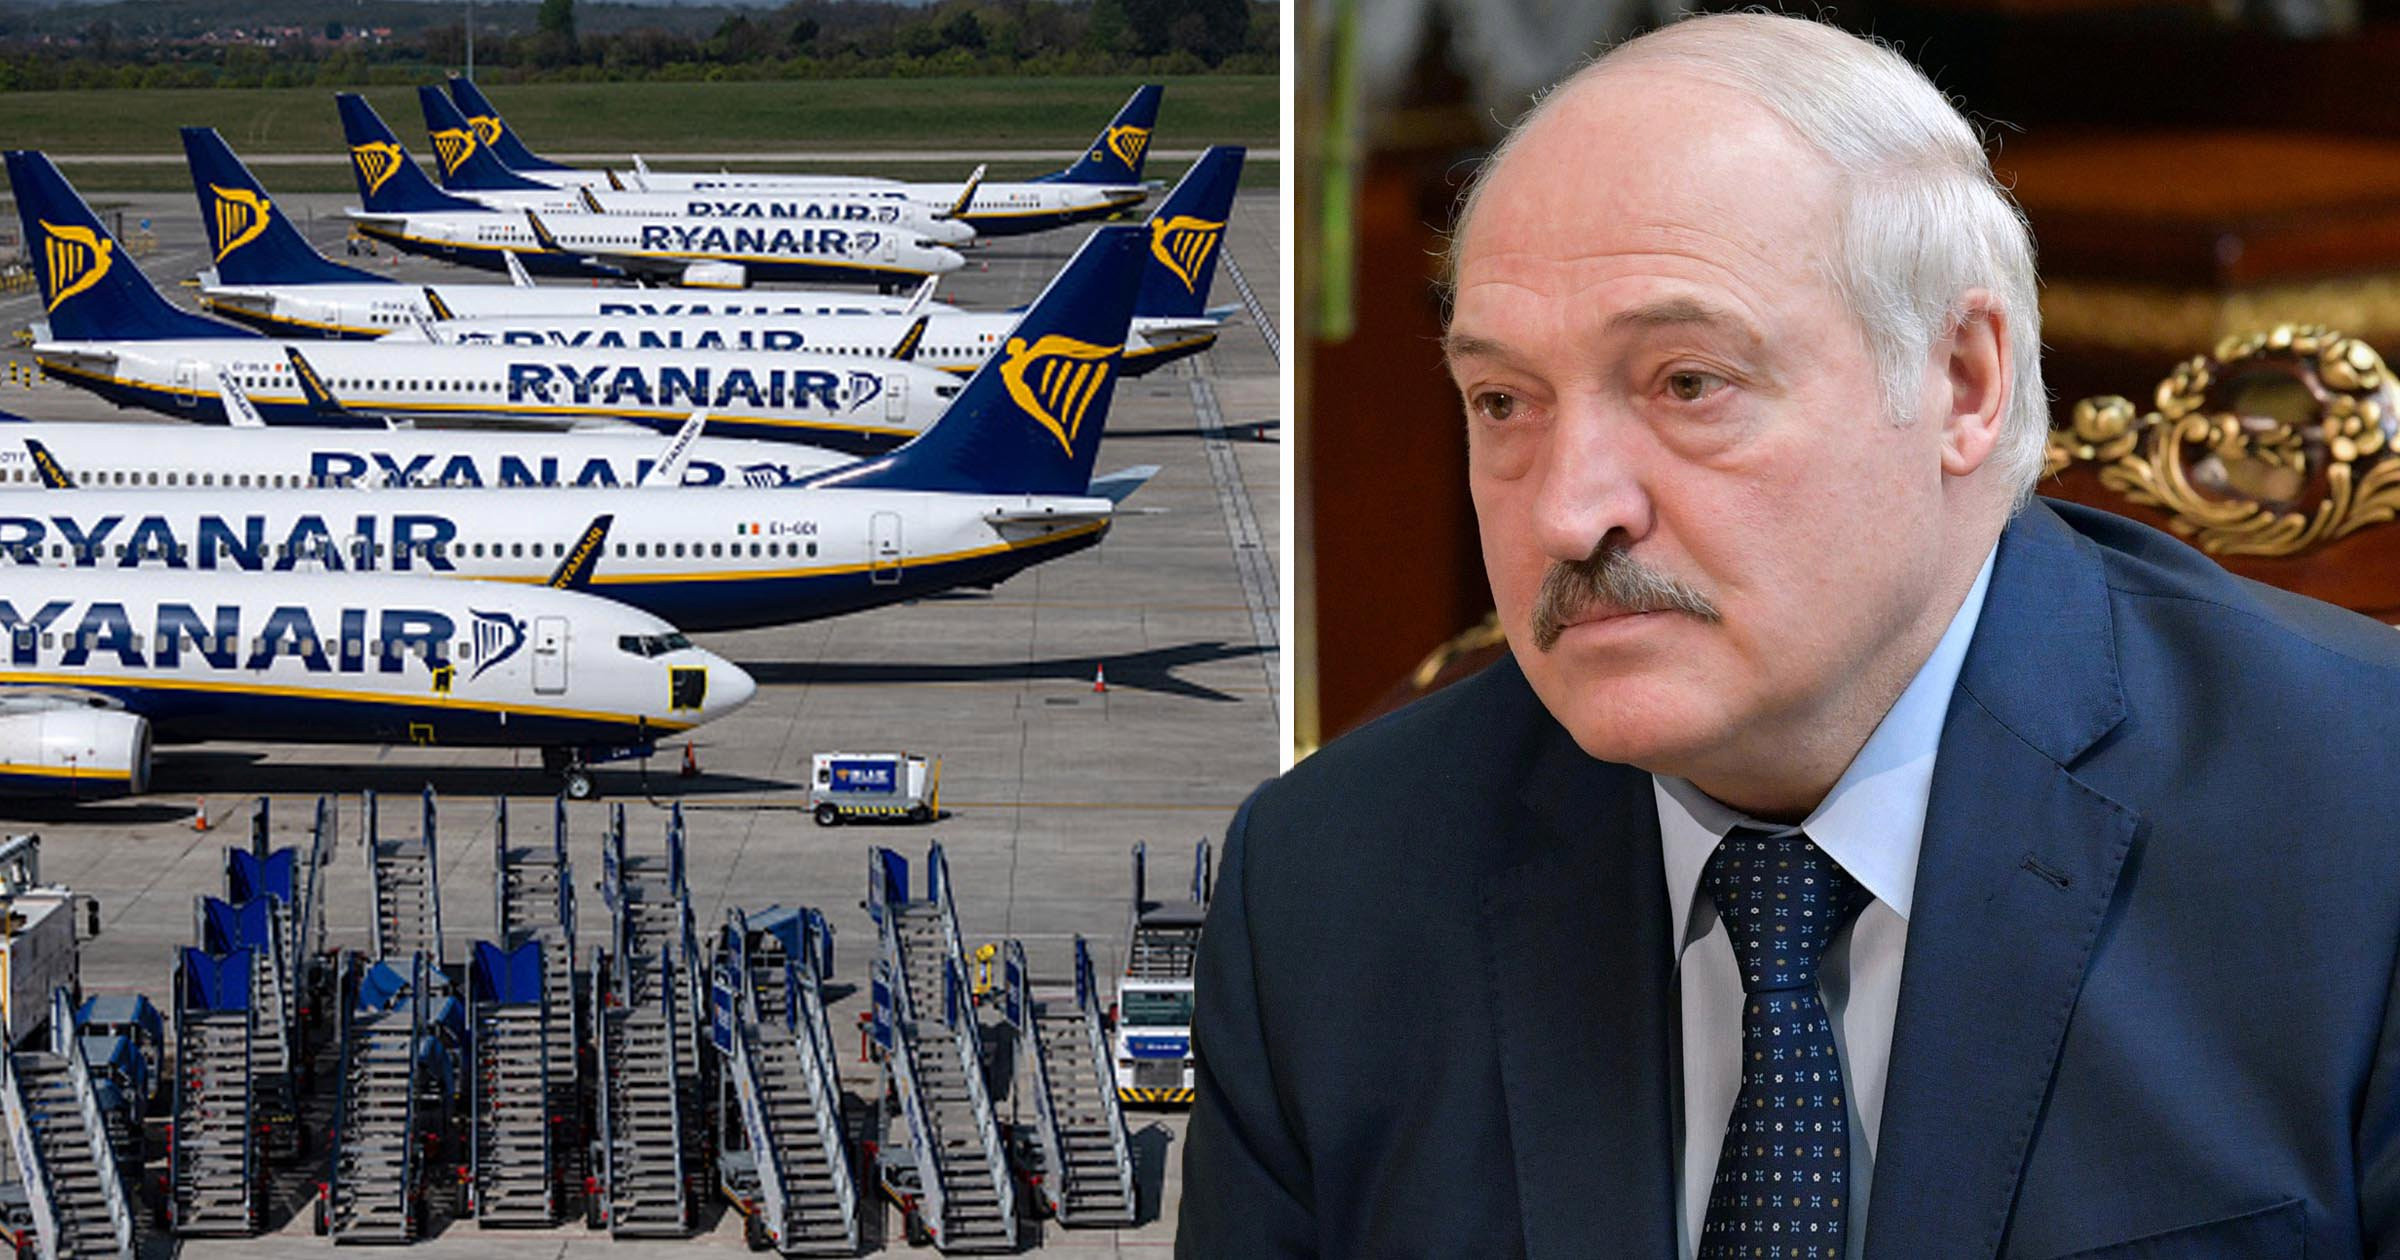 Belarus accused of hijacking Ryanair plane